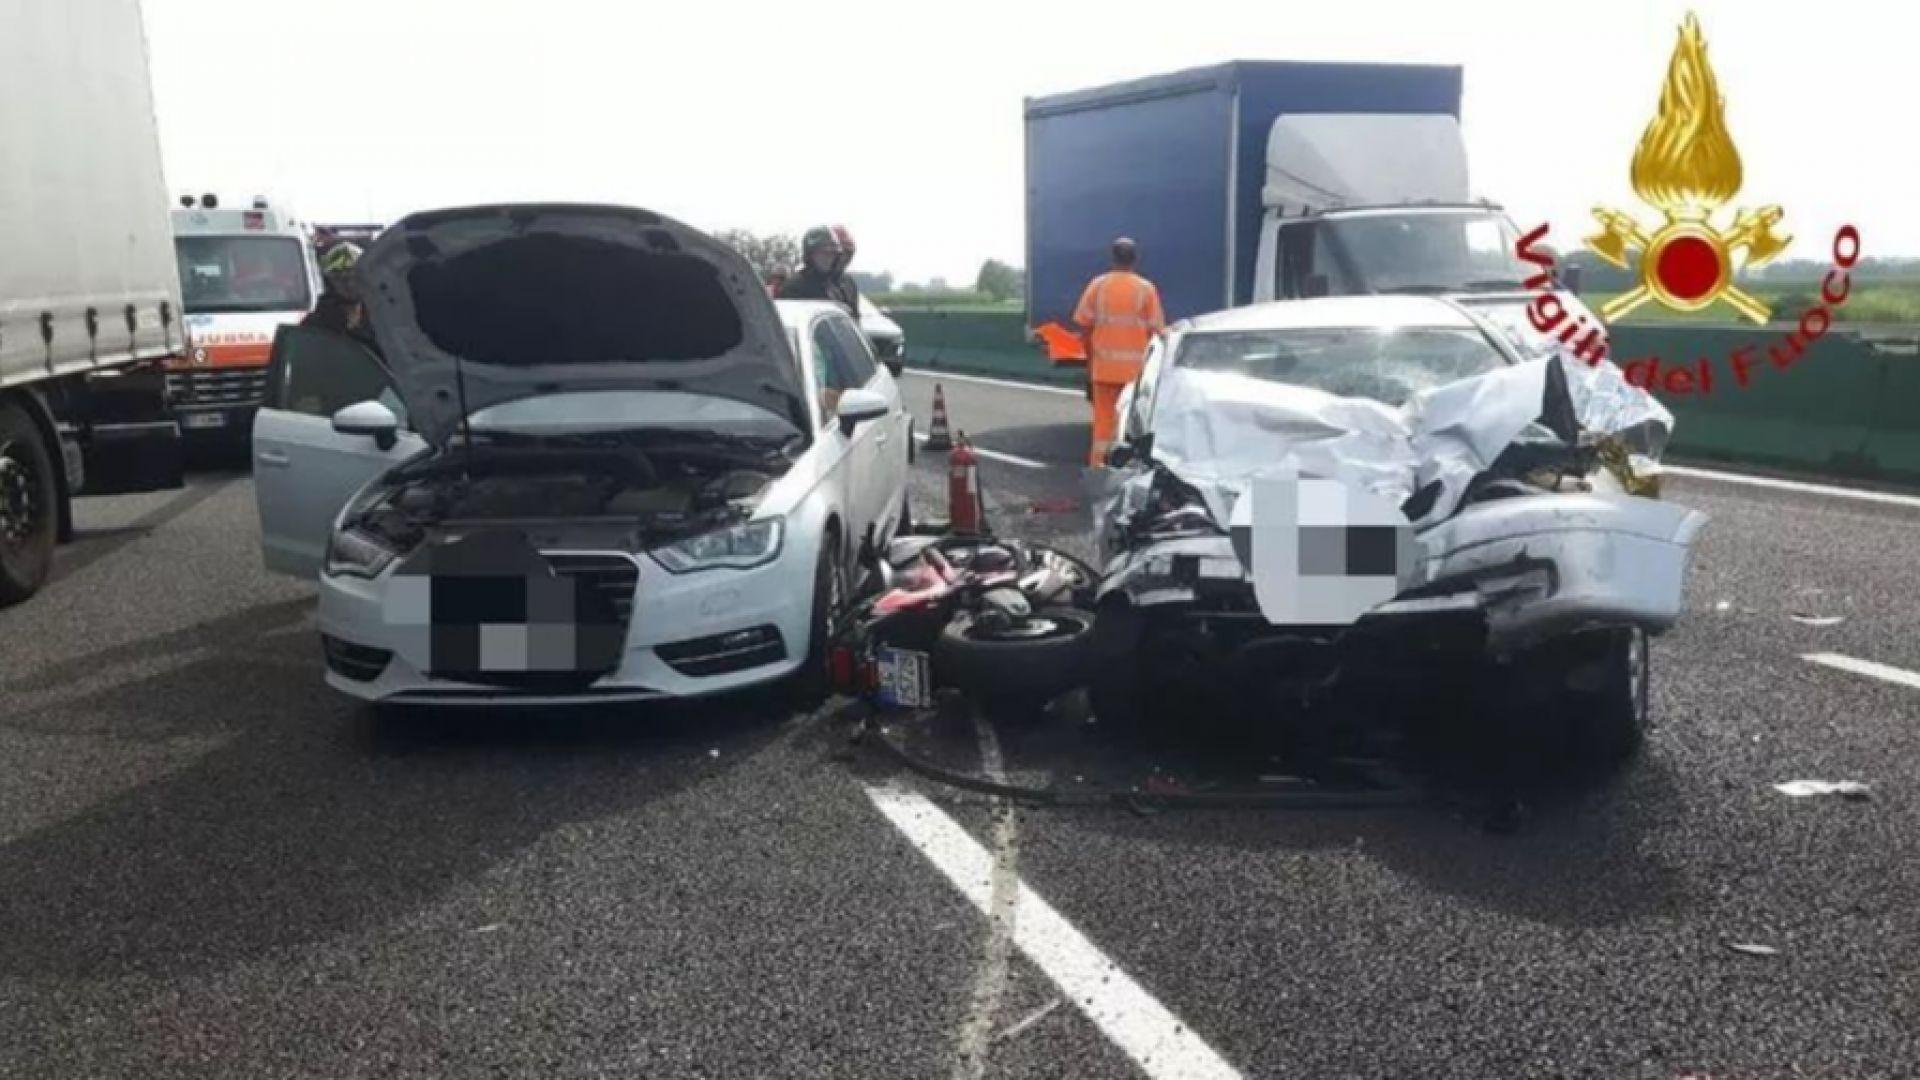 46-годишен българин загина при тежка катастрофа на магистралата Милано-Торино. Той